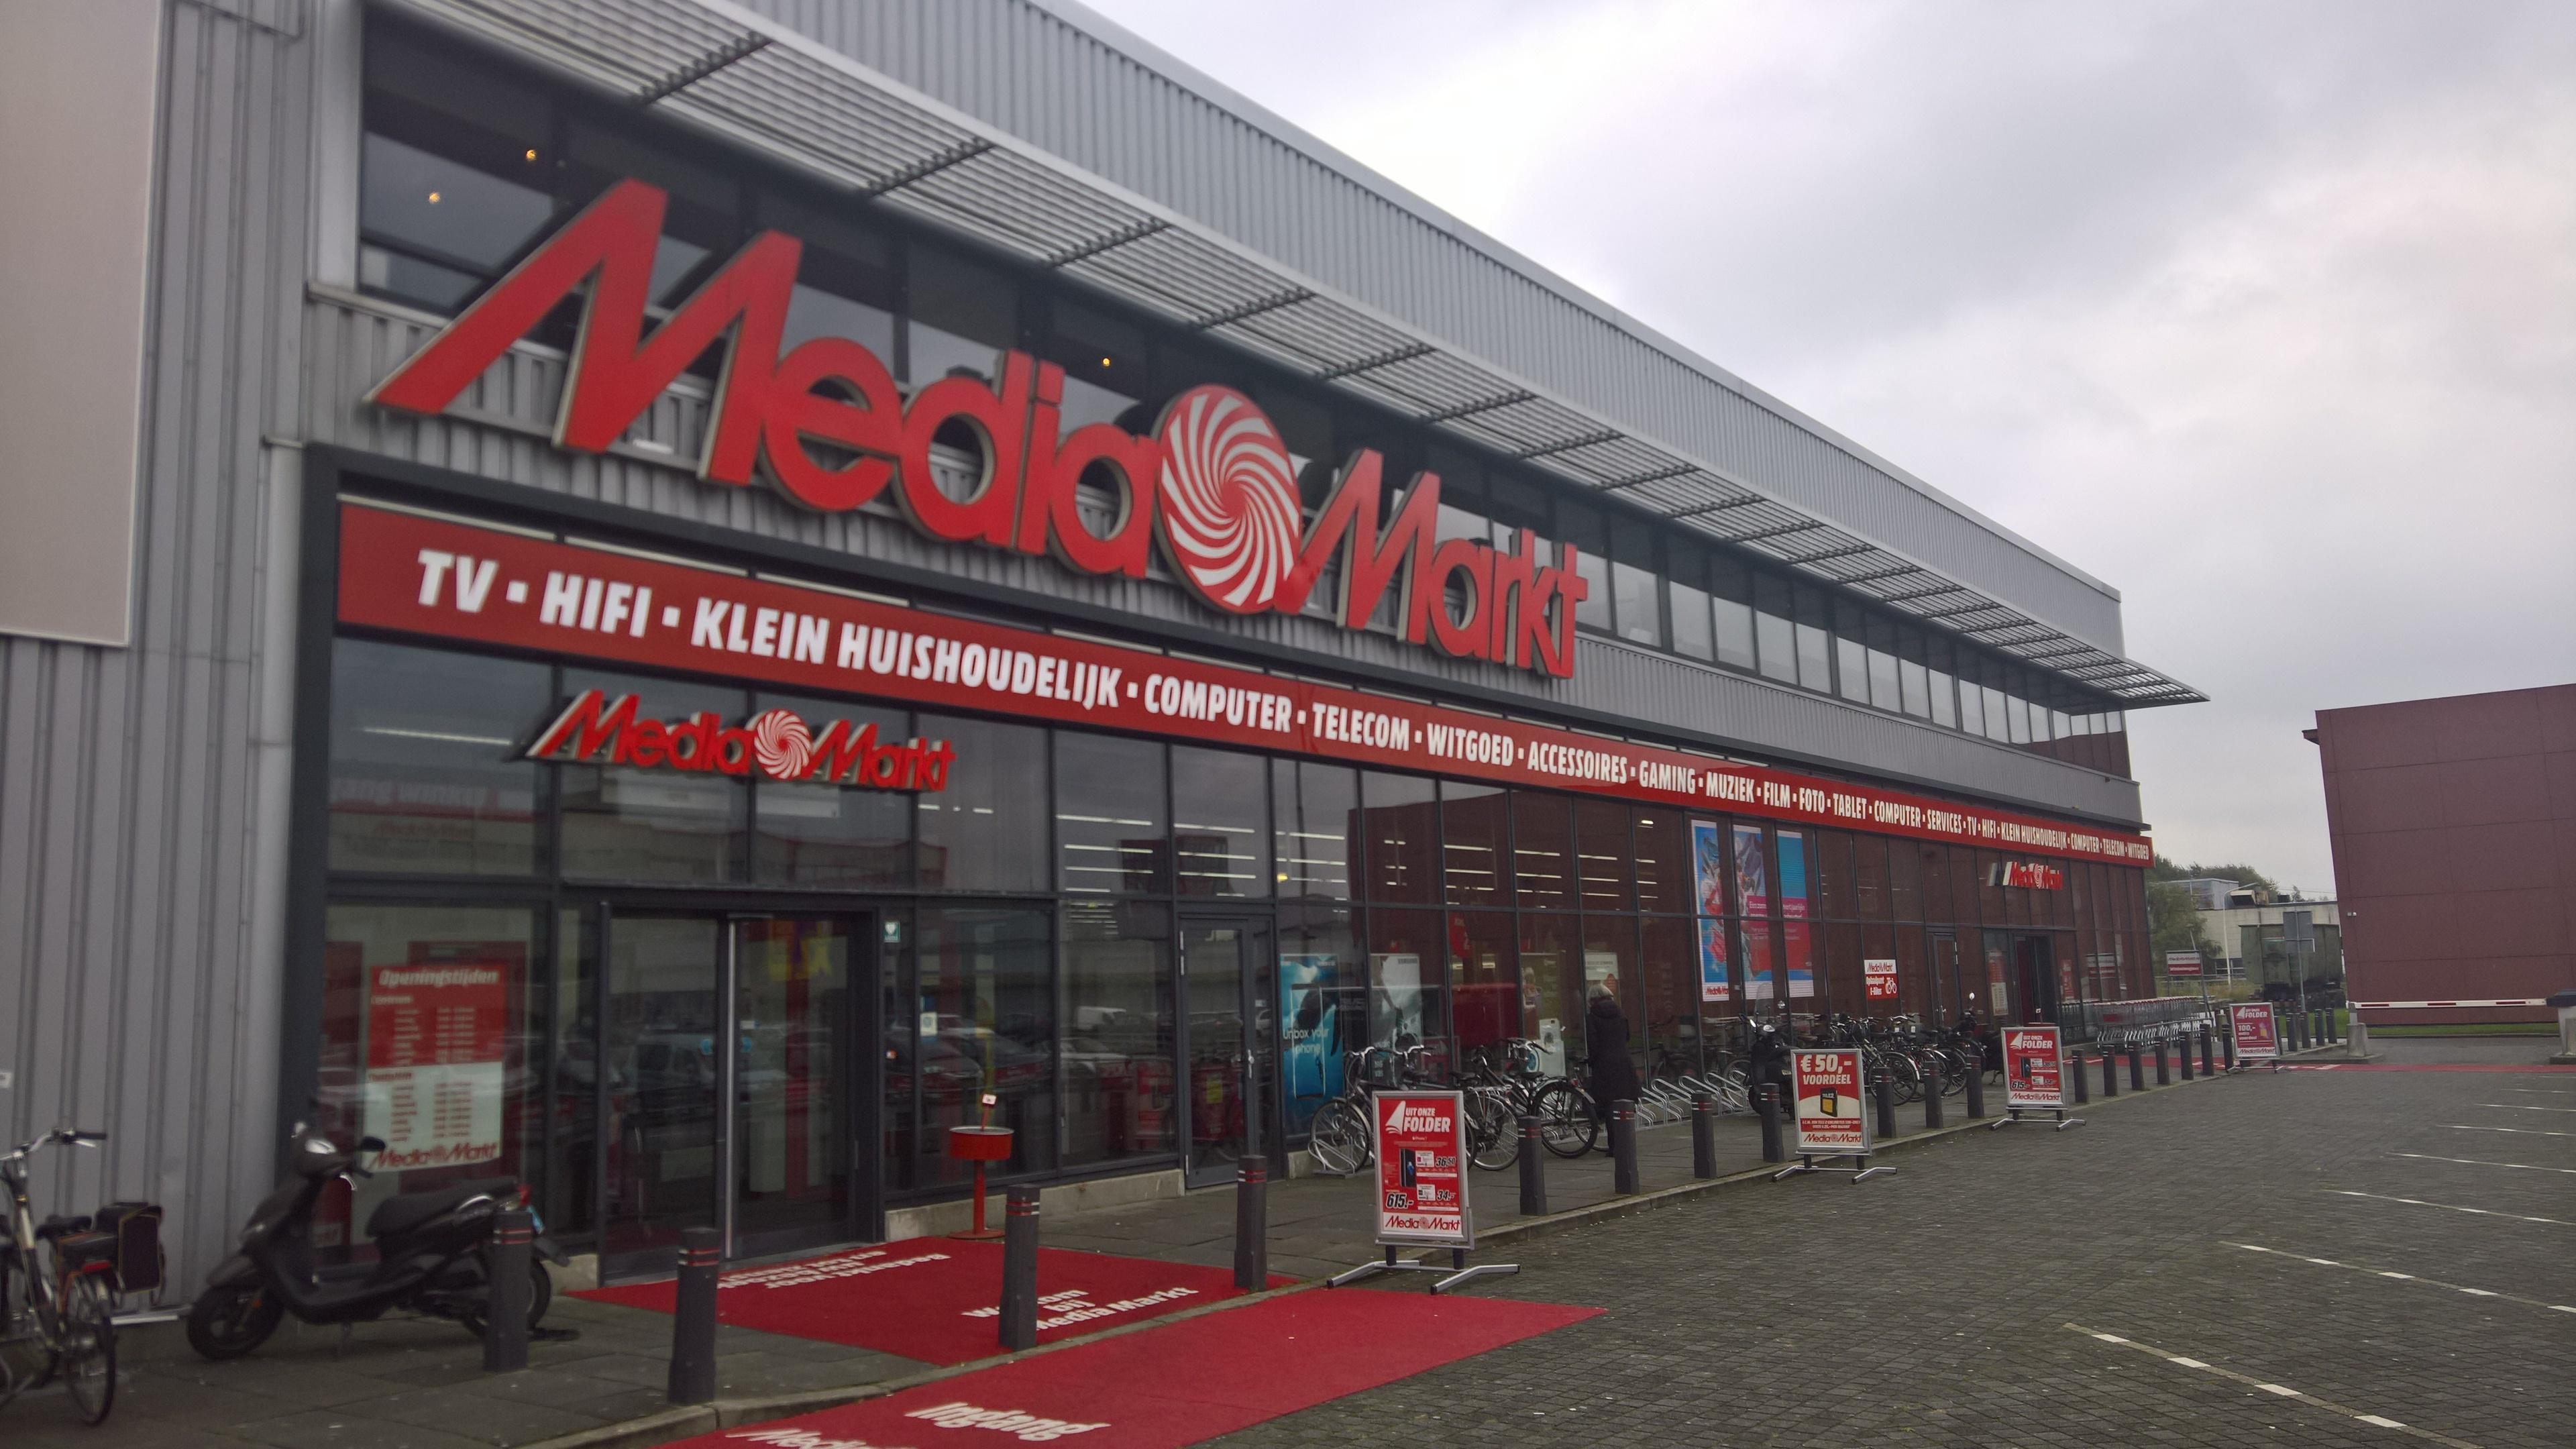 Filemedia Markt Sontplein Groningen 2017jpg Wikimedia Commons